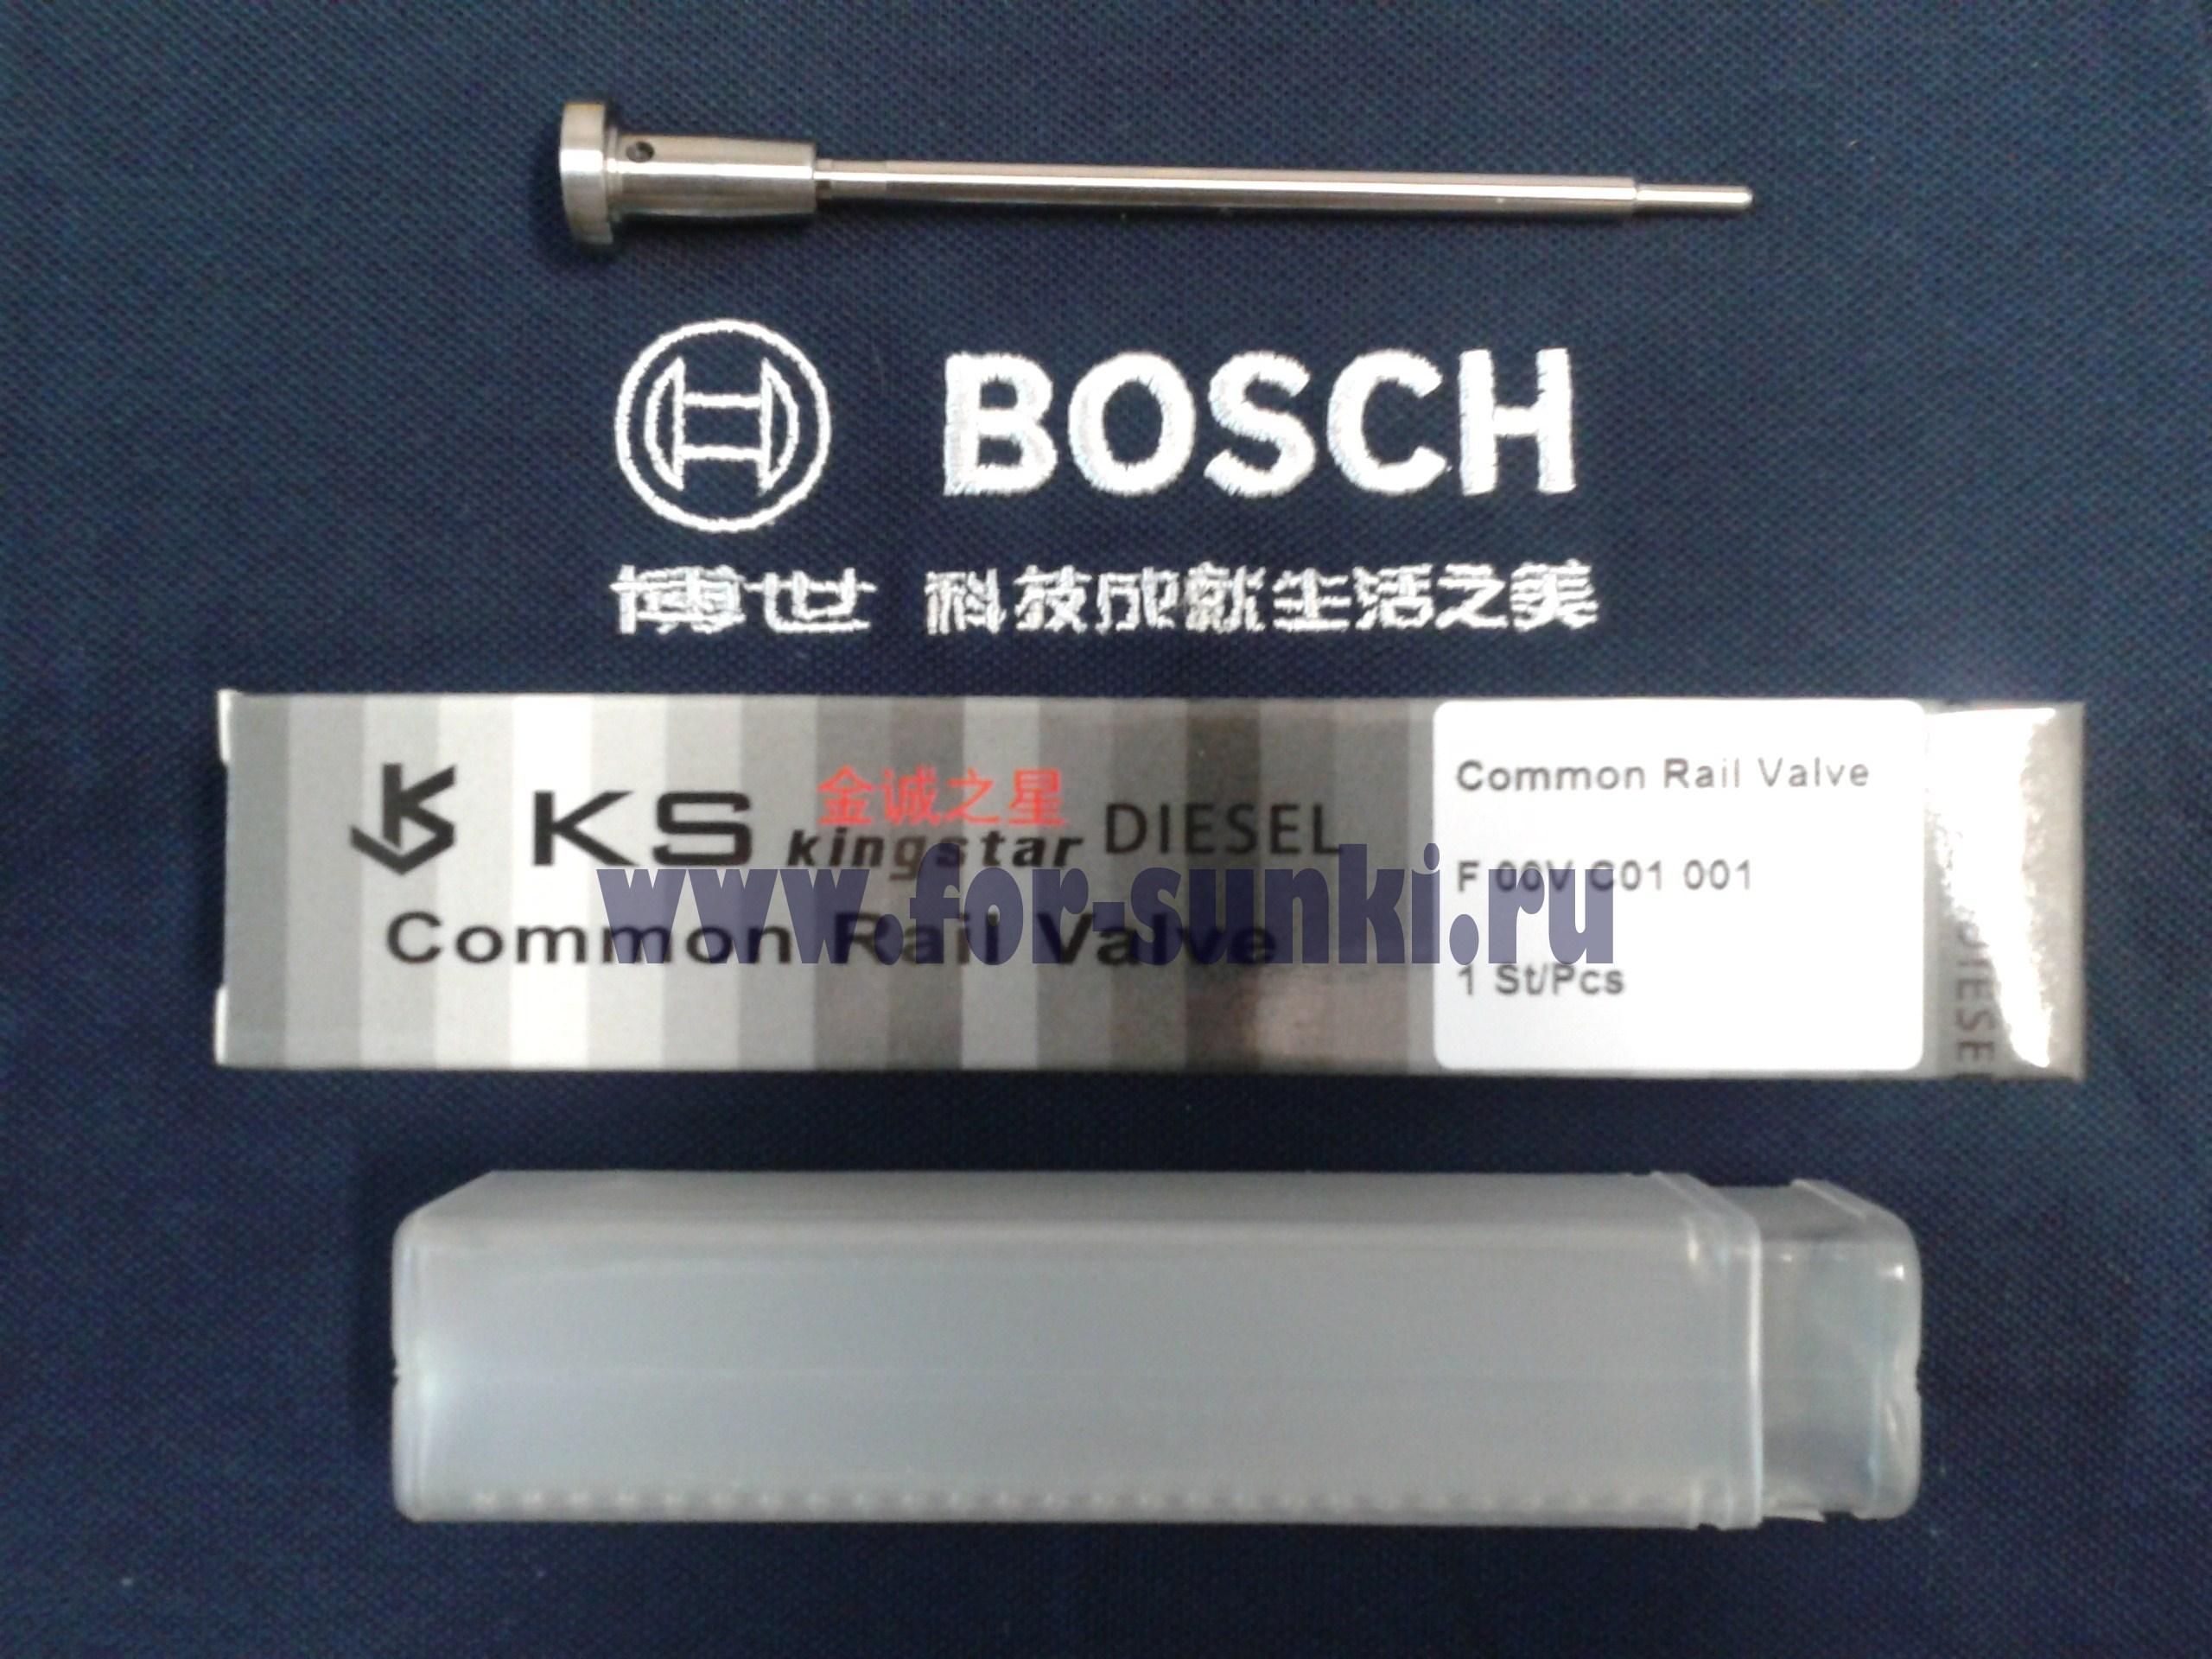 Купить клапан форсунки F00VC01001 Bosch в Краснодаре